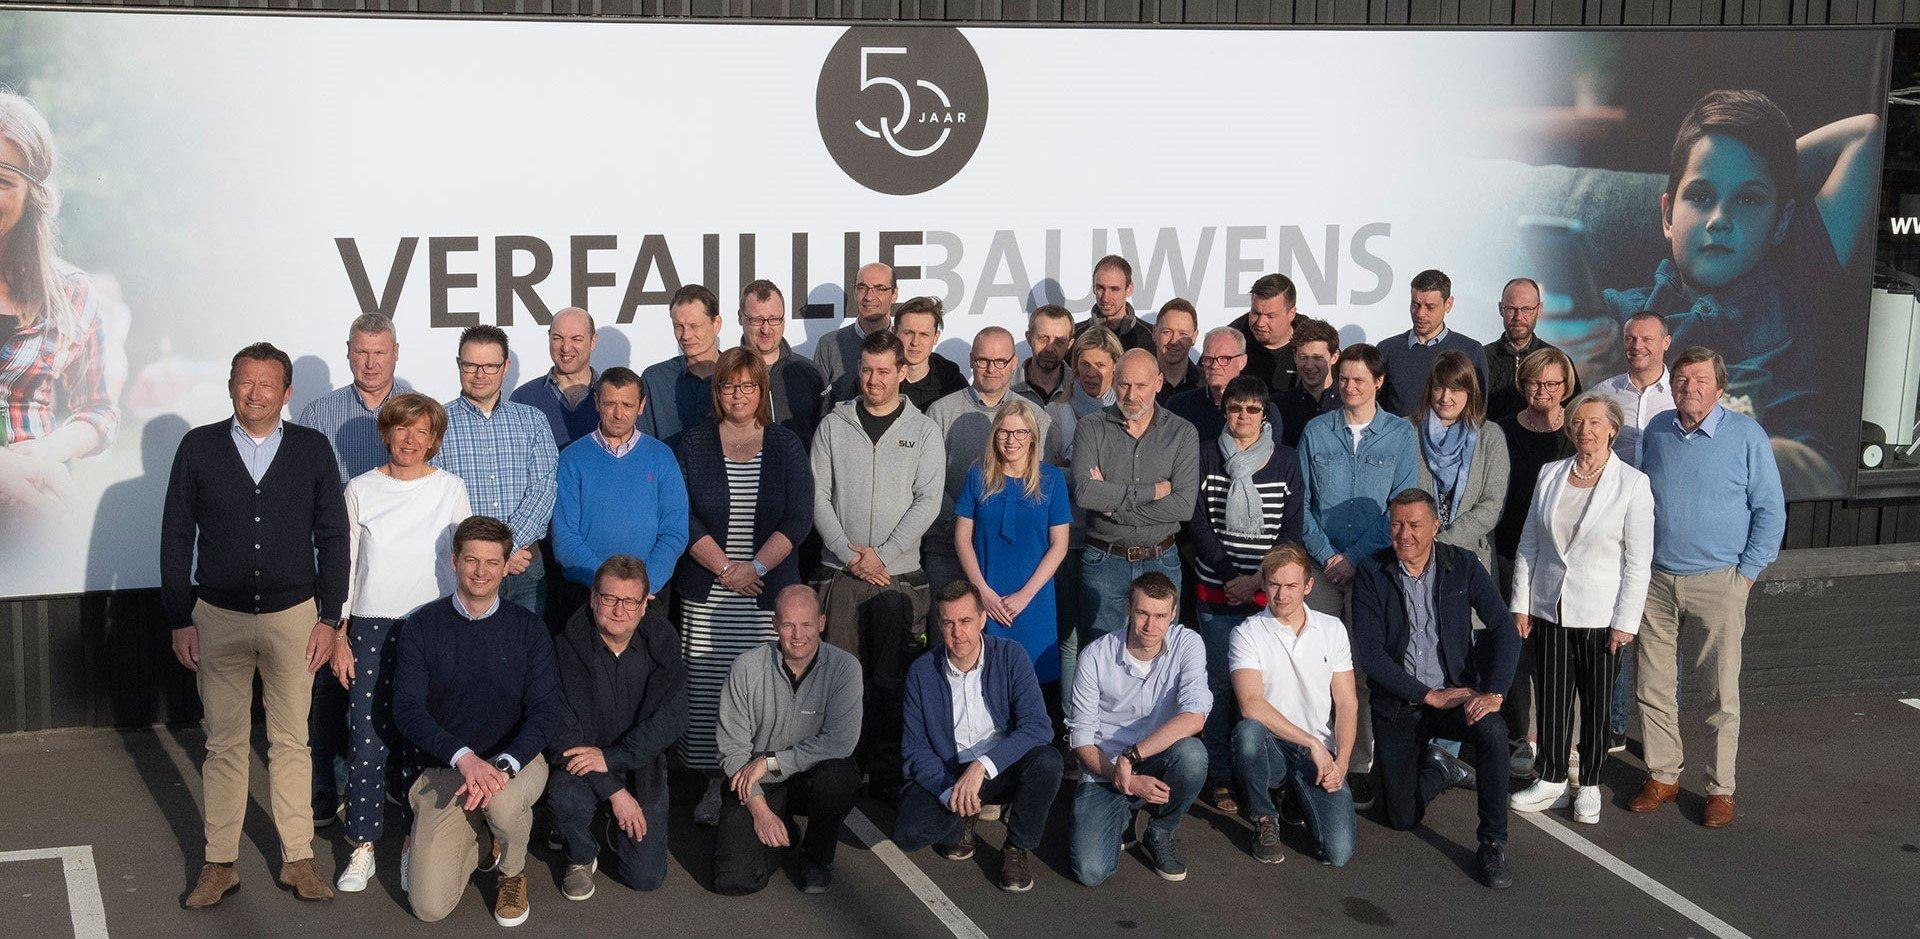 Verfaillie - Bauwens team